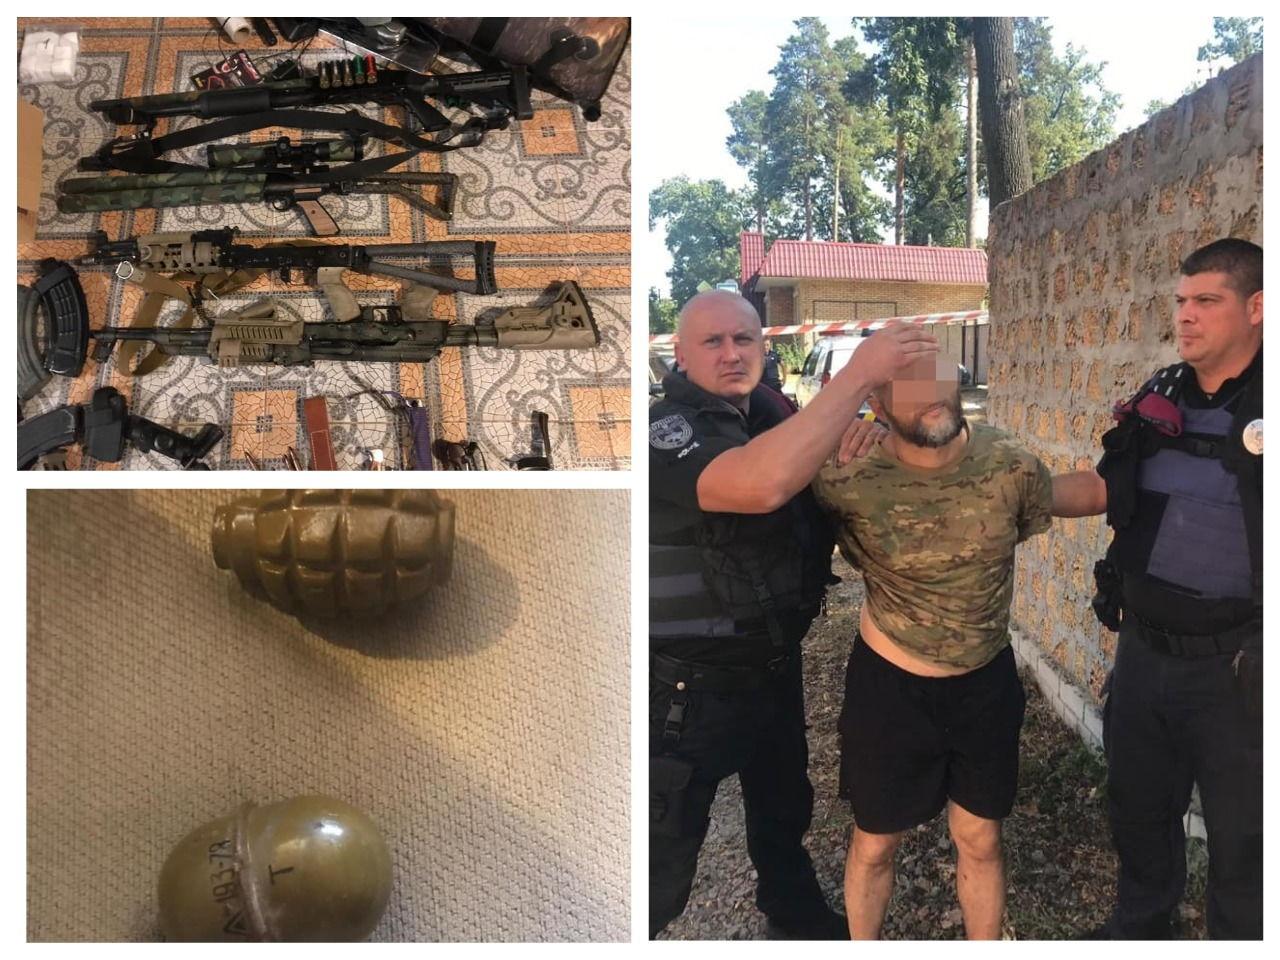 Подозреваемый оказал сопротивление полиции и бросил в них гранаты